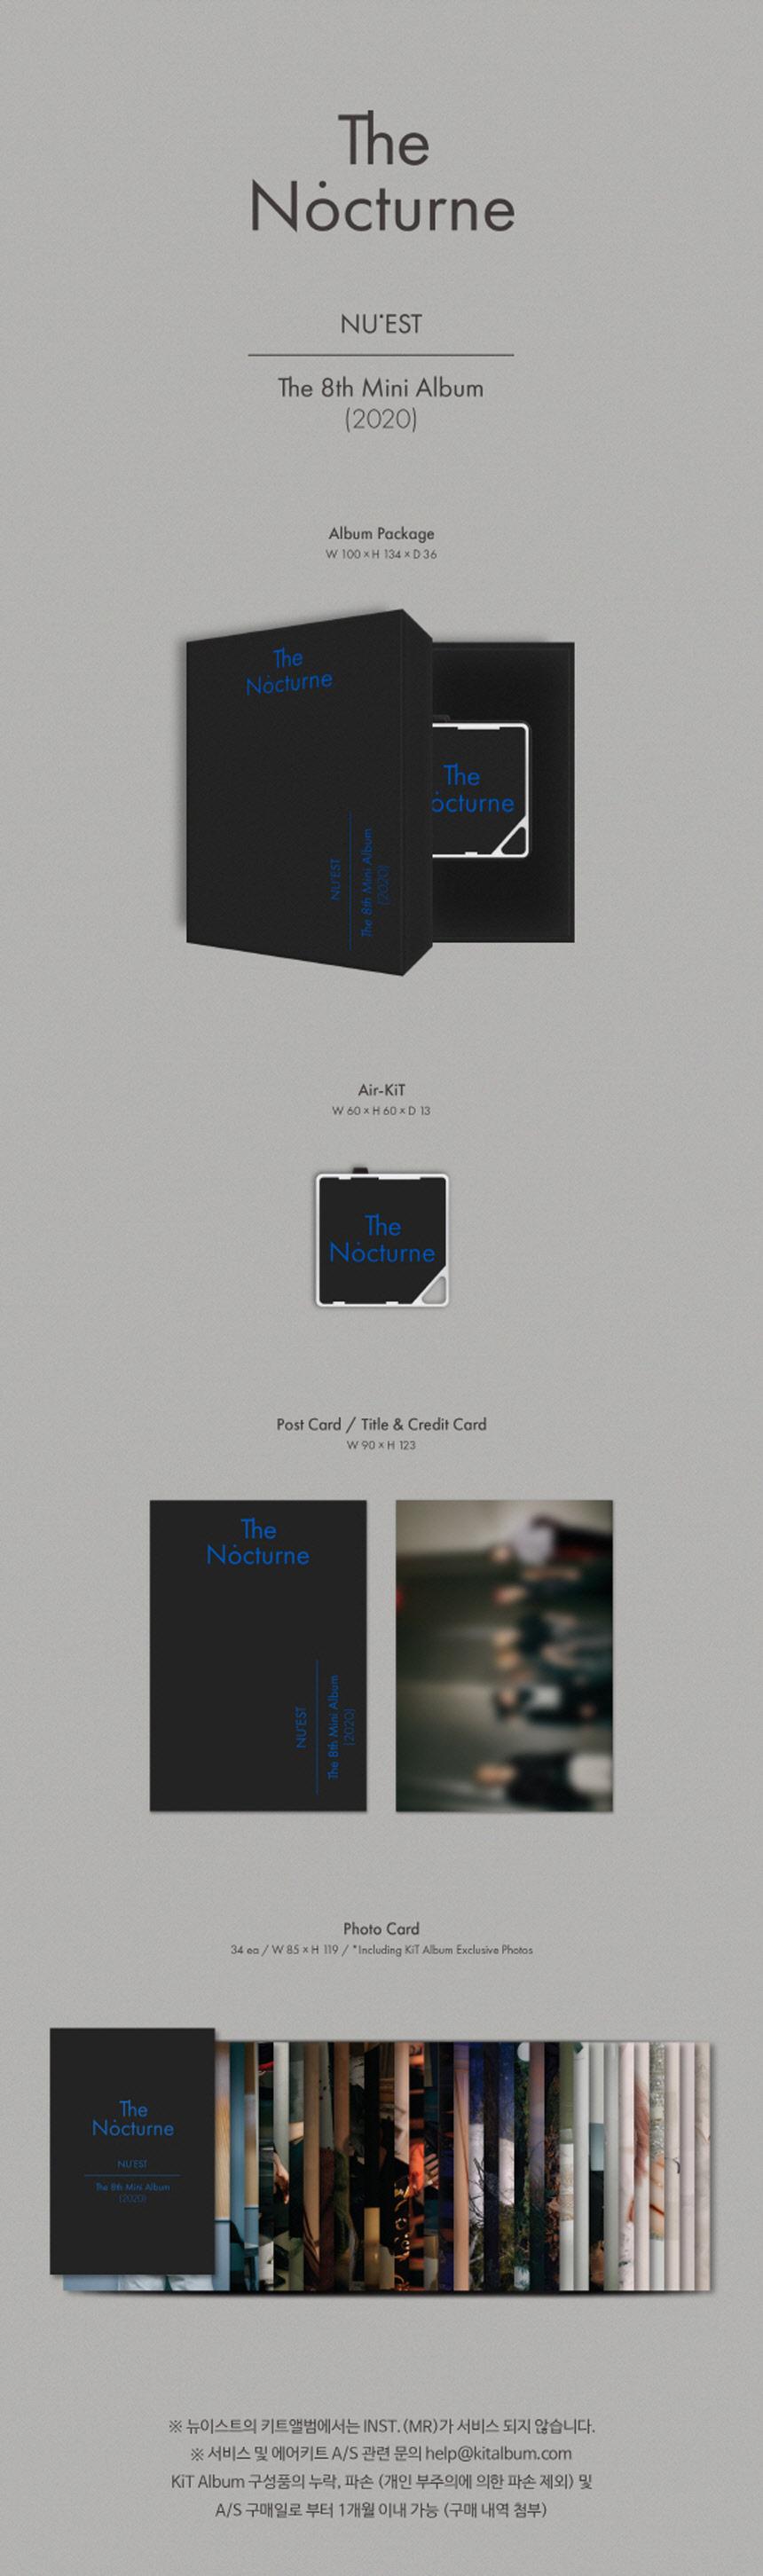 Pre Order Nu Est Mini Album Vol 8 The Nocturne Kit Album